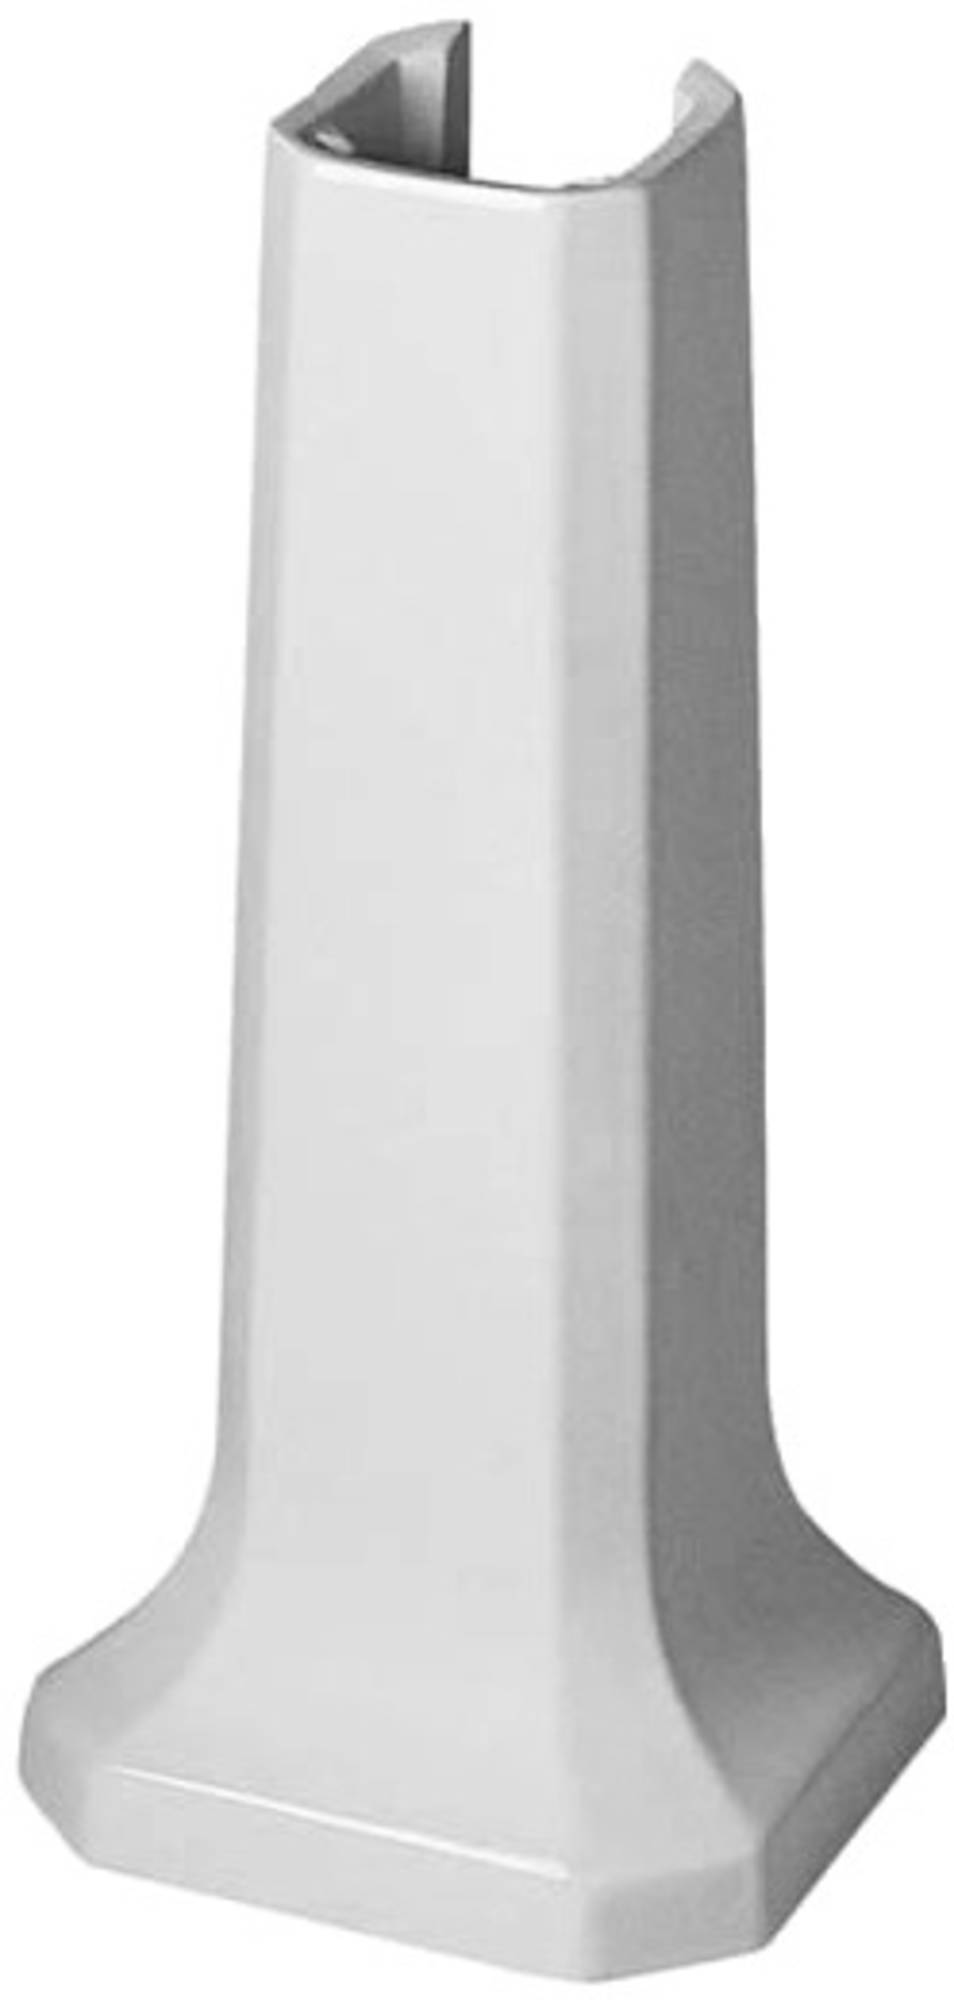 Duravit 1930 zuil voor wastafel 60cm wit